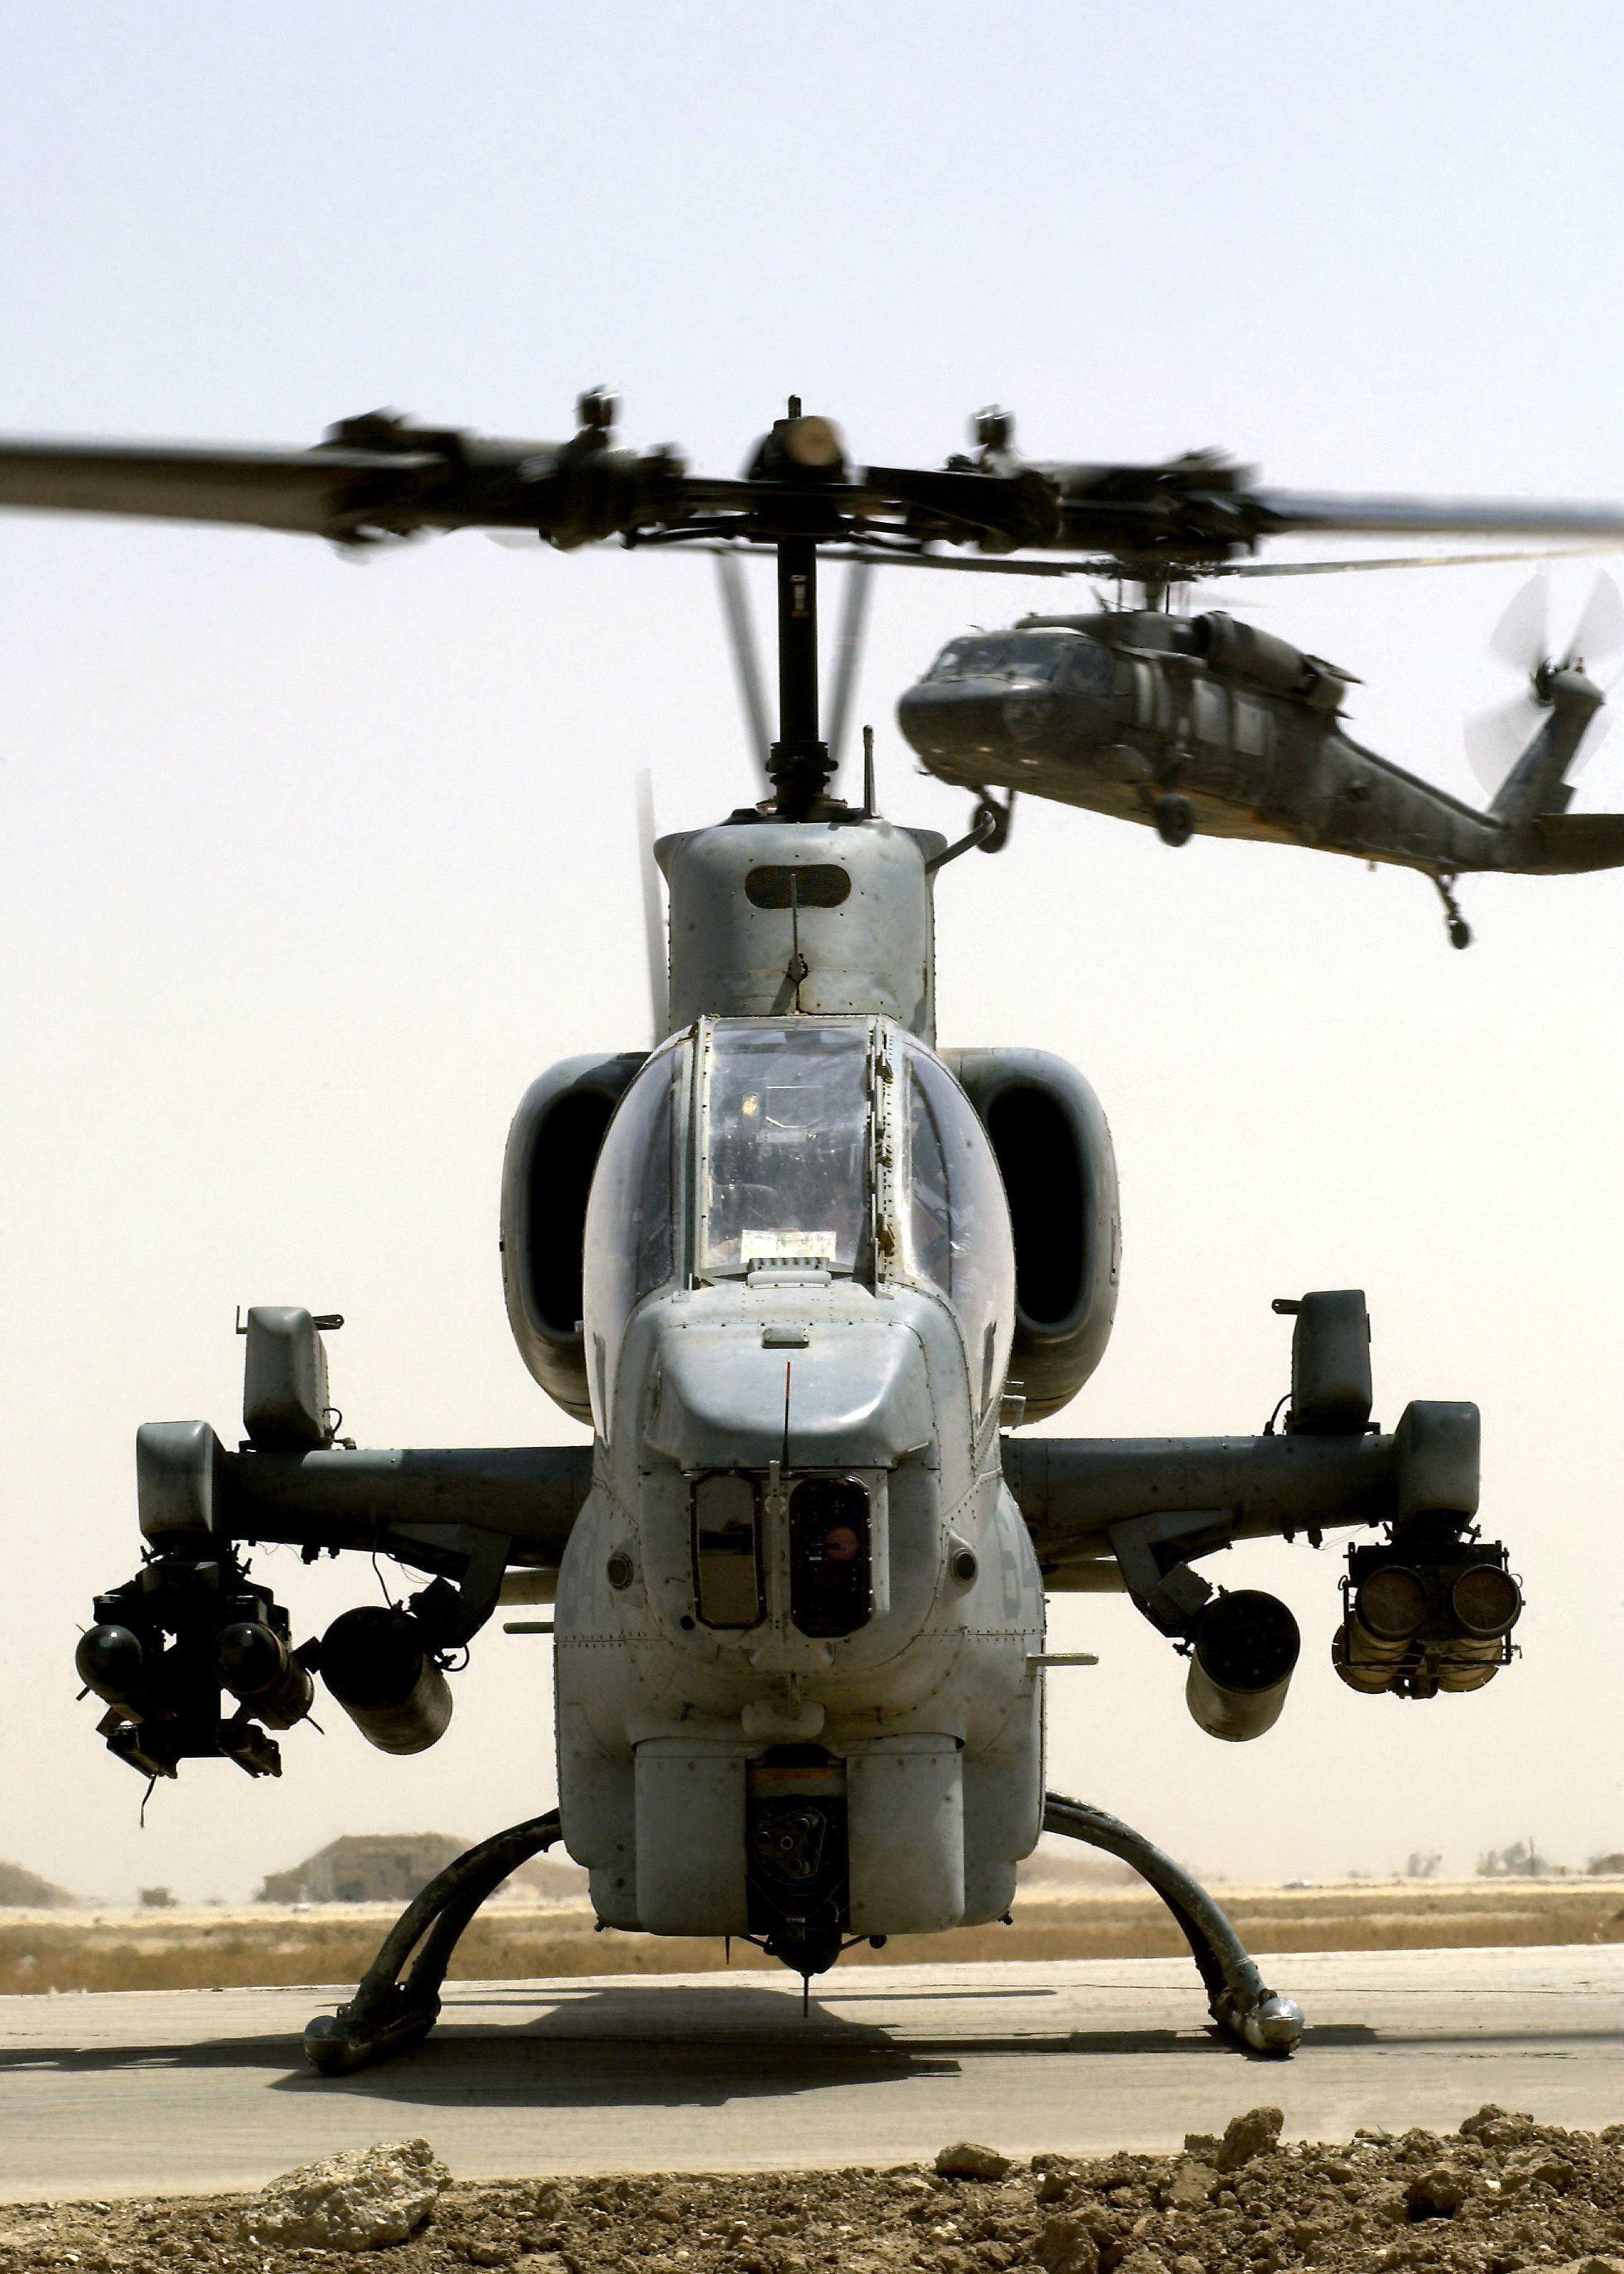 Aviones Caza y de Ataque: Bell AH-1 SuperCobra Tipo Helicóptero de ...